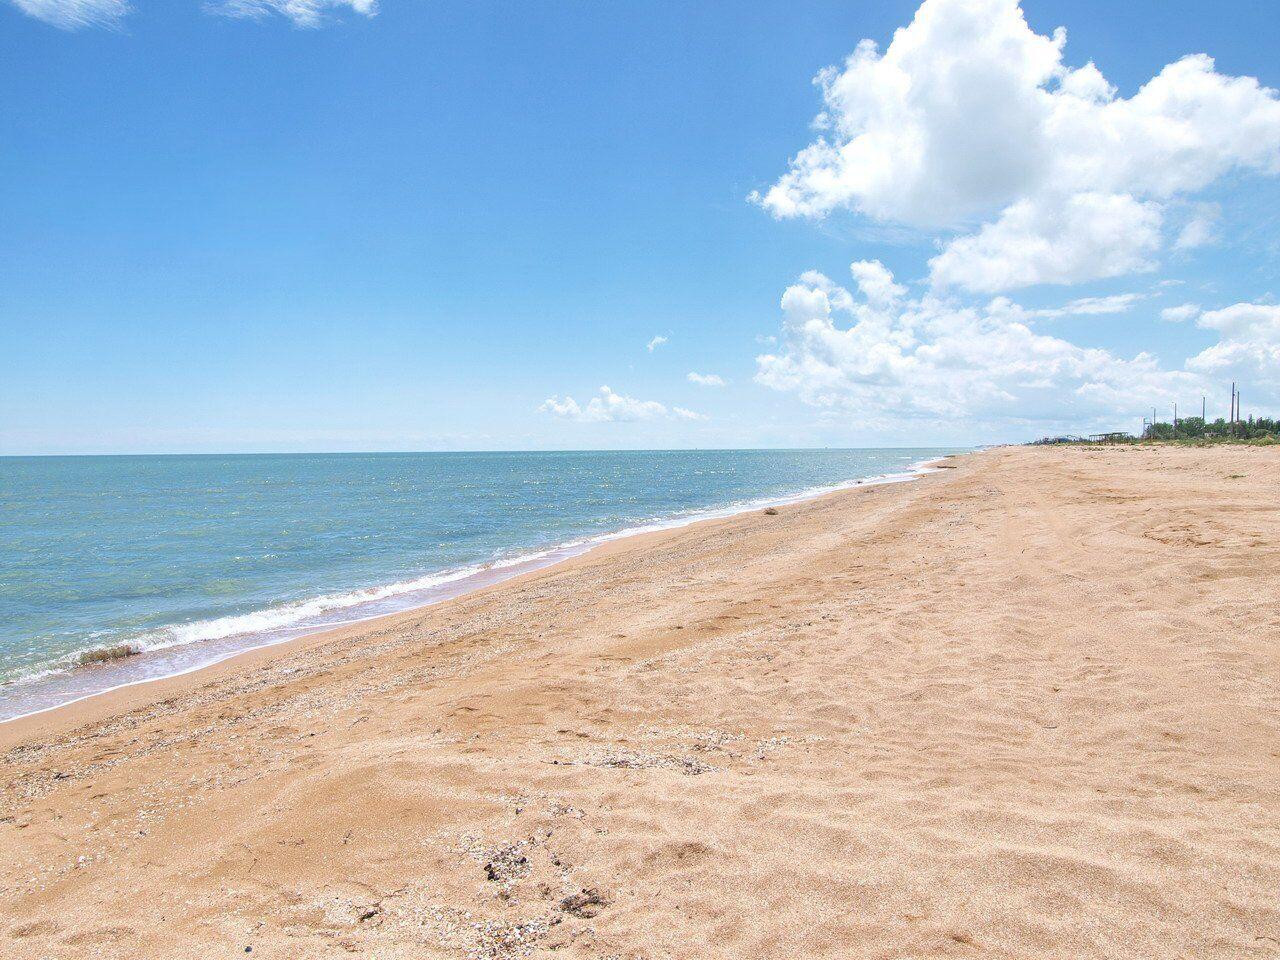 Если ехать вглубь Арабатской стрелки или Федотовой косы, то можно избежать толкотни на пляжах и насладиться уединением с морем